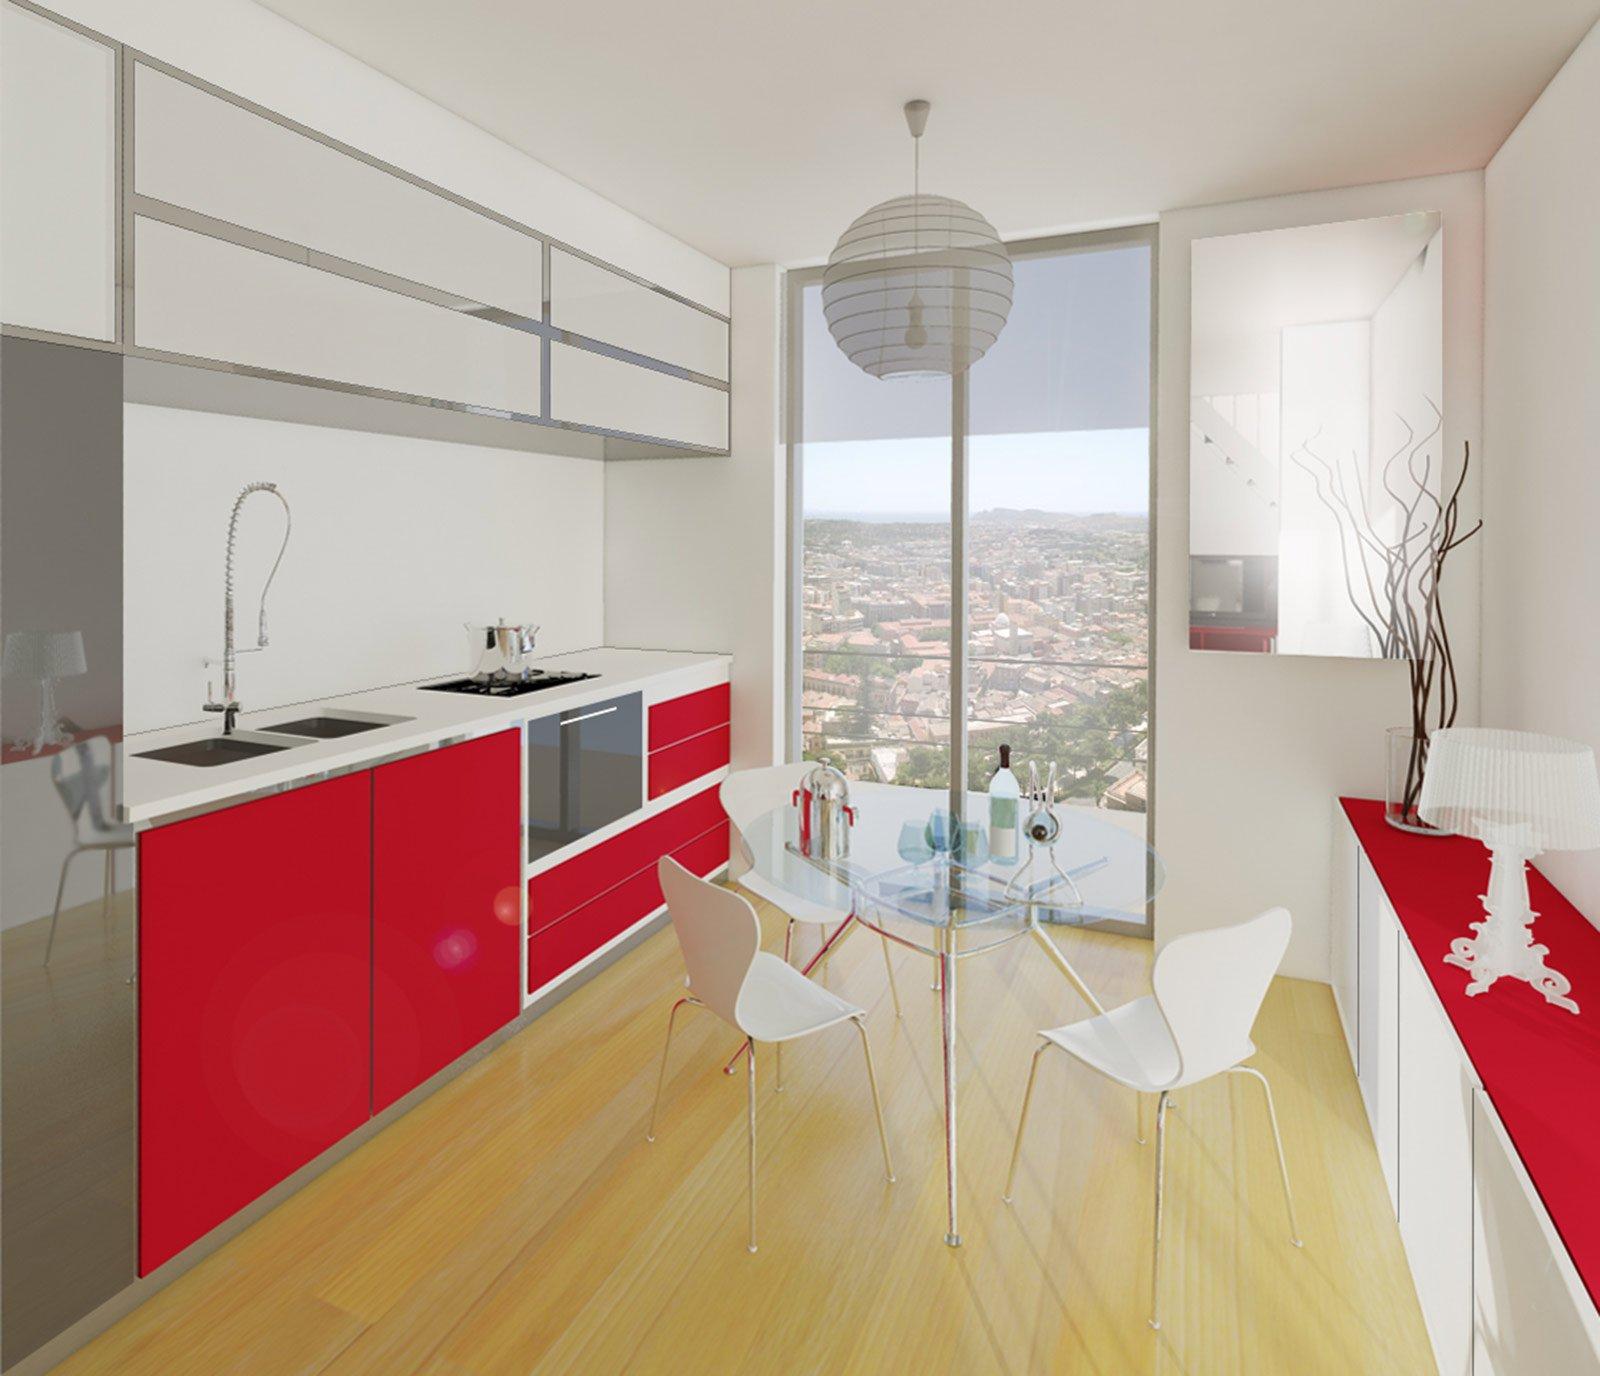 Soggiorno e cucina in poco spazio - Cose di Casa